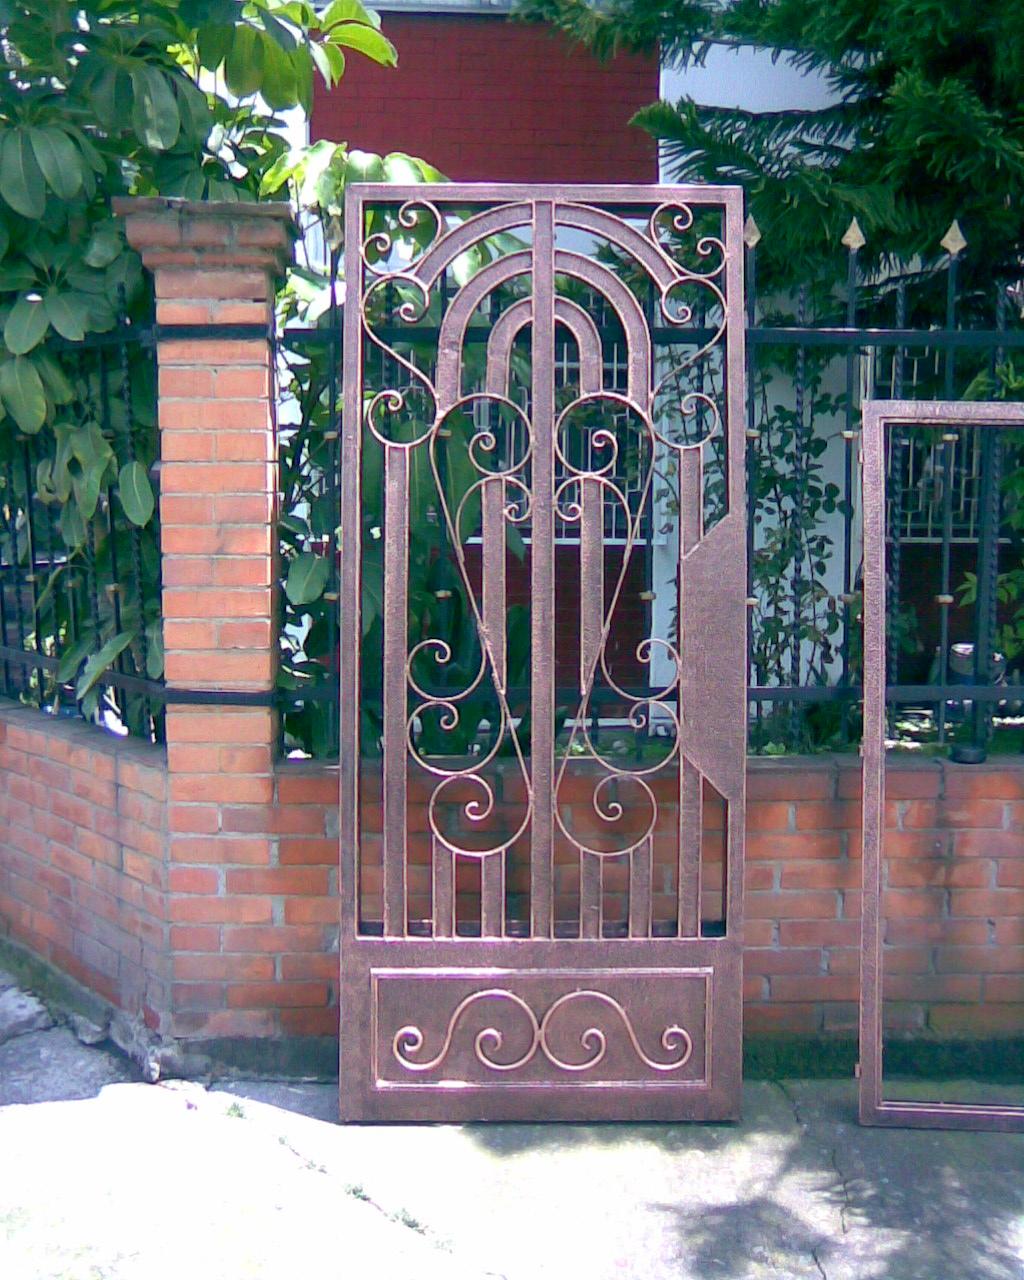 Herreria hector octubre 2010 for Modelos de rejas de fierro para puertas